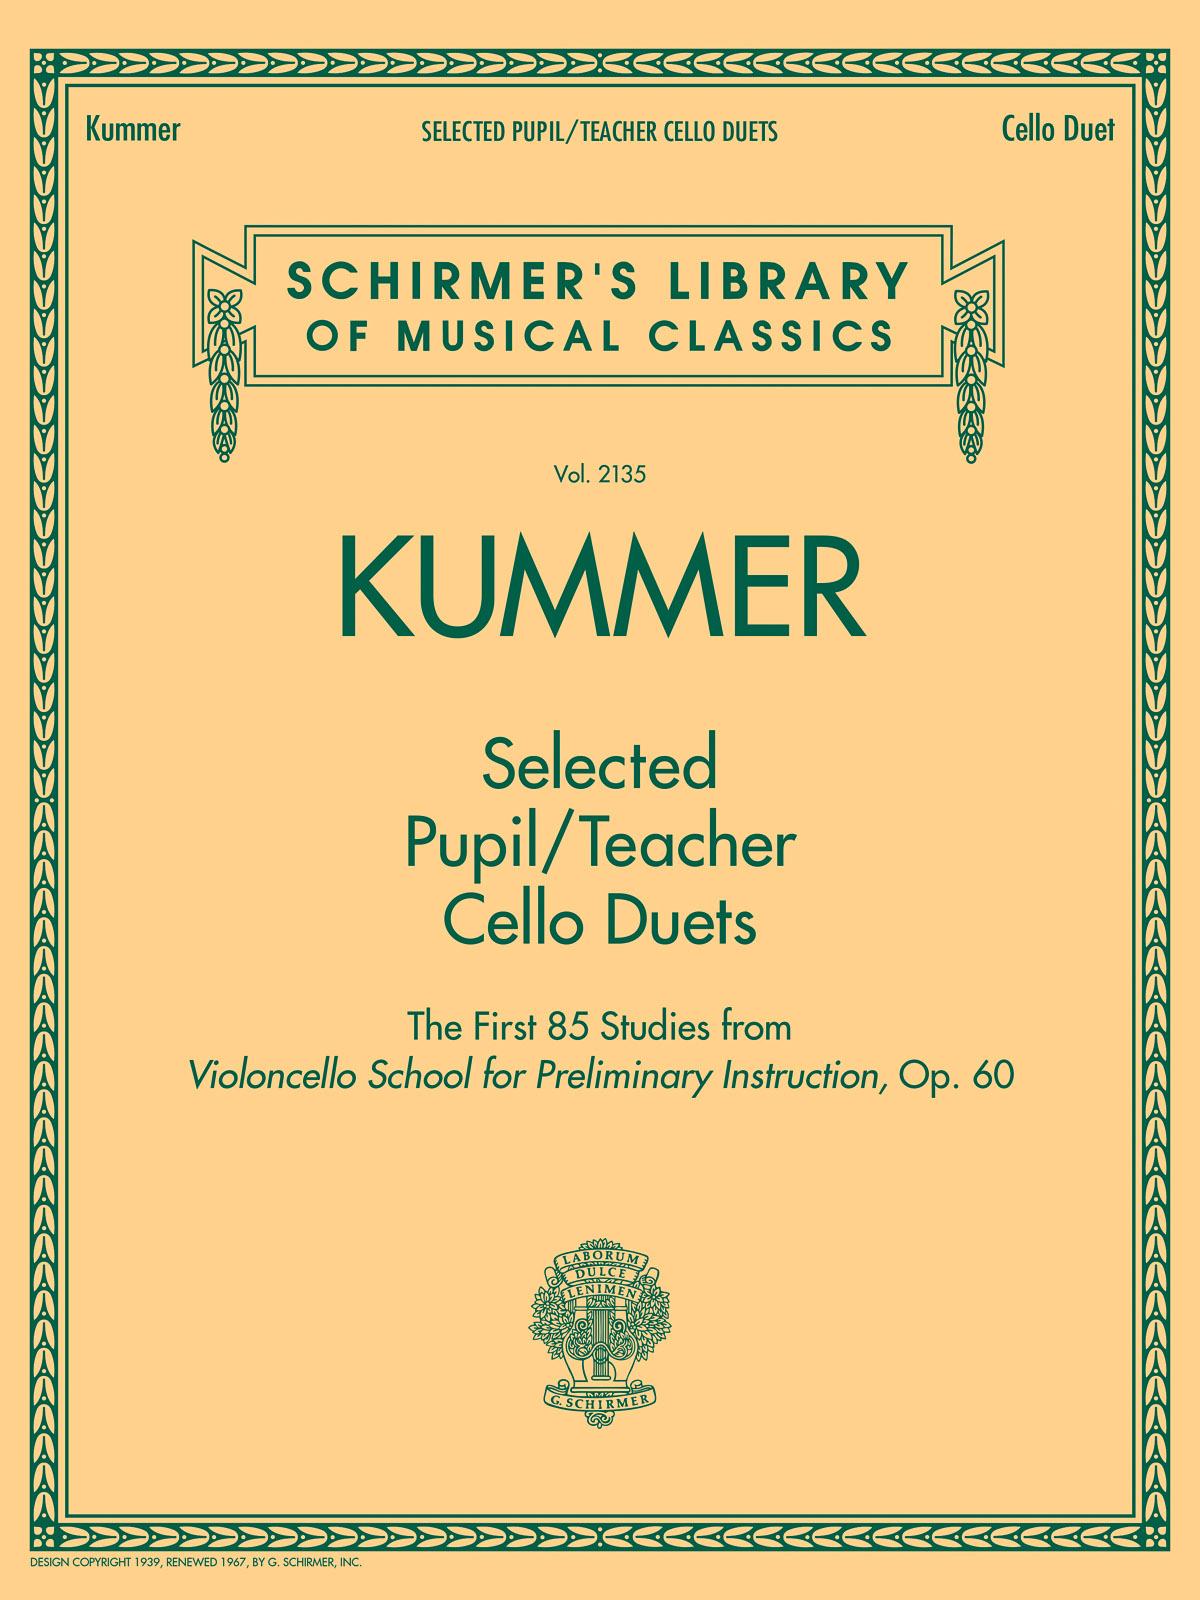 Friedrich August Kummer: Selected Pupil/Teacher Cello Duets: Cello Duet: